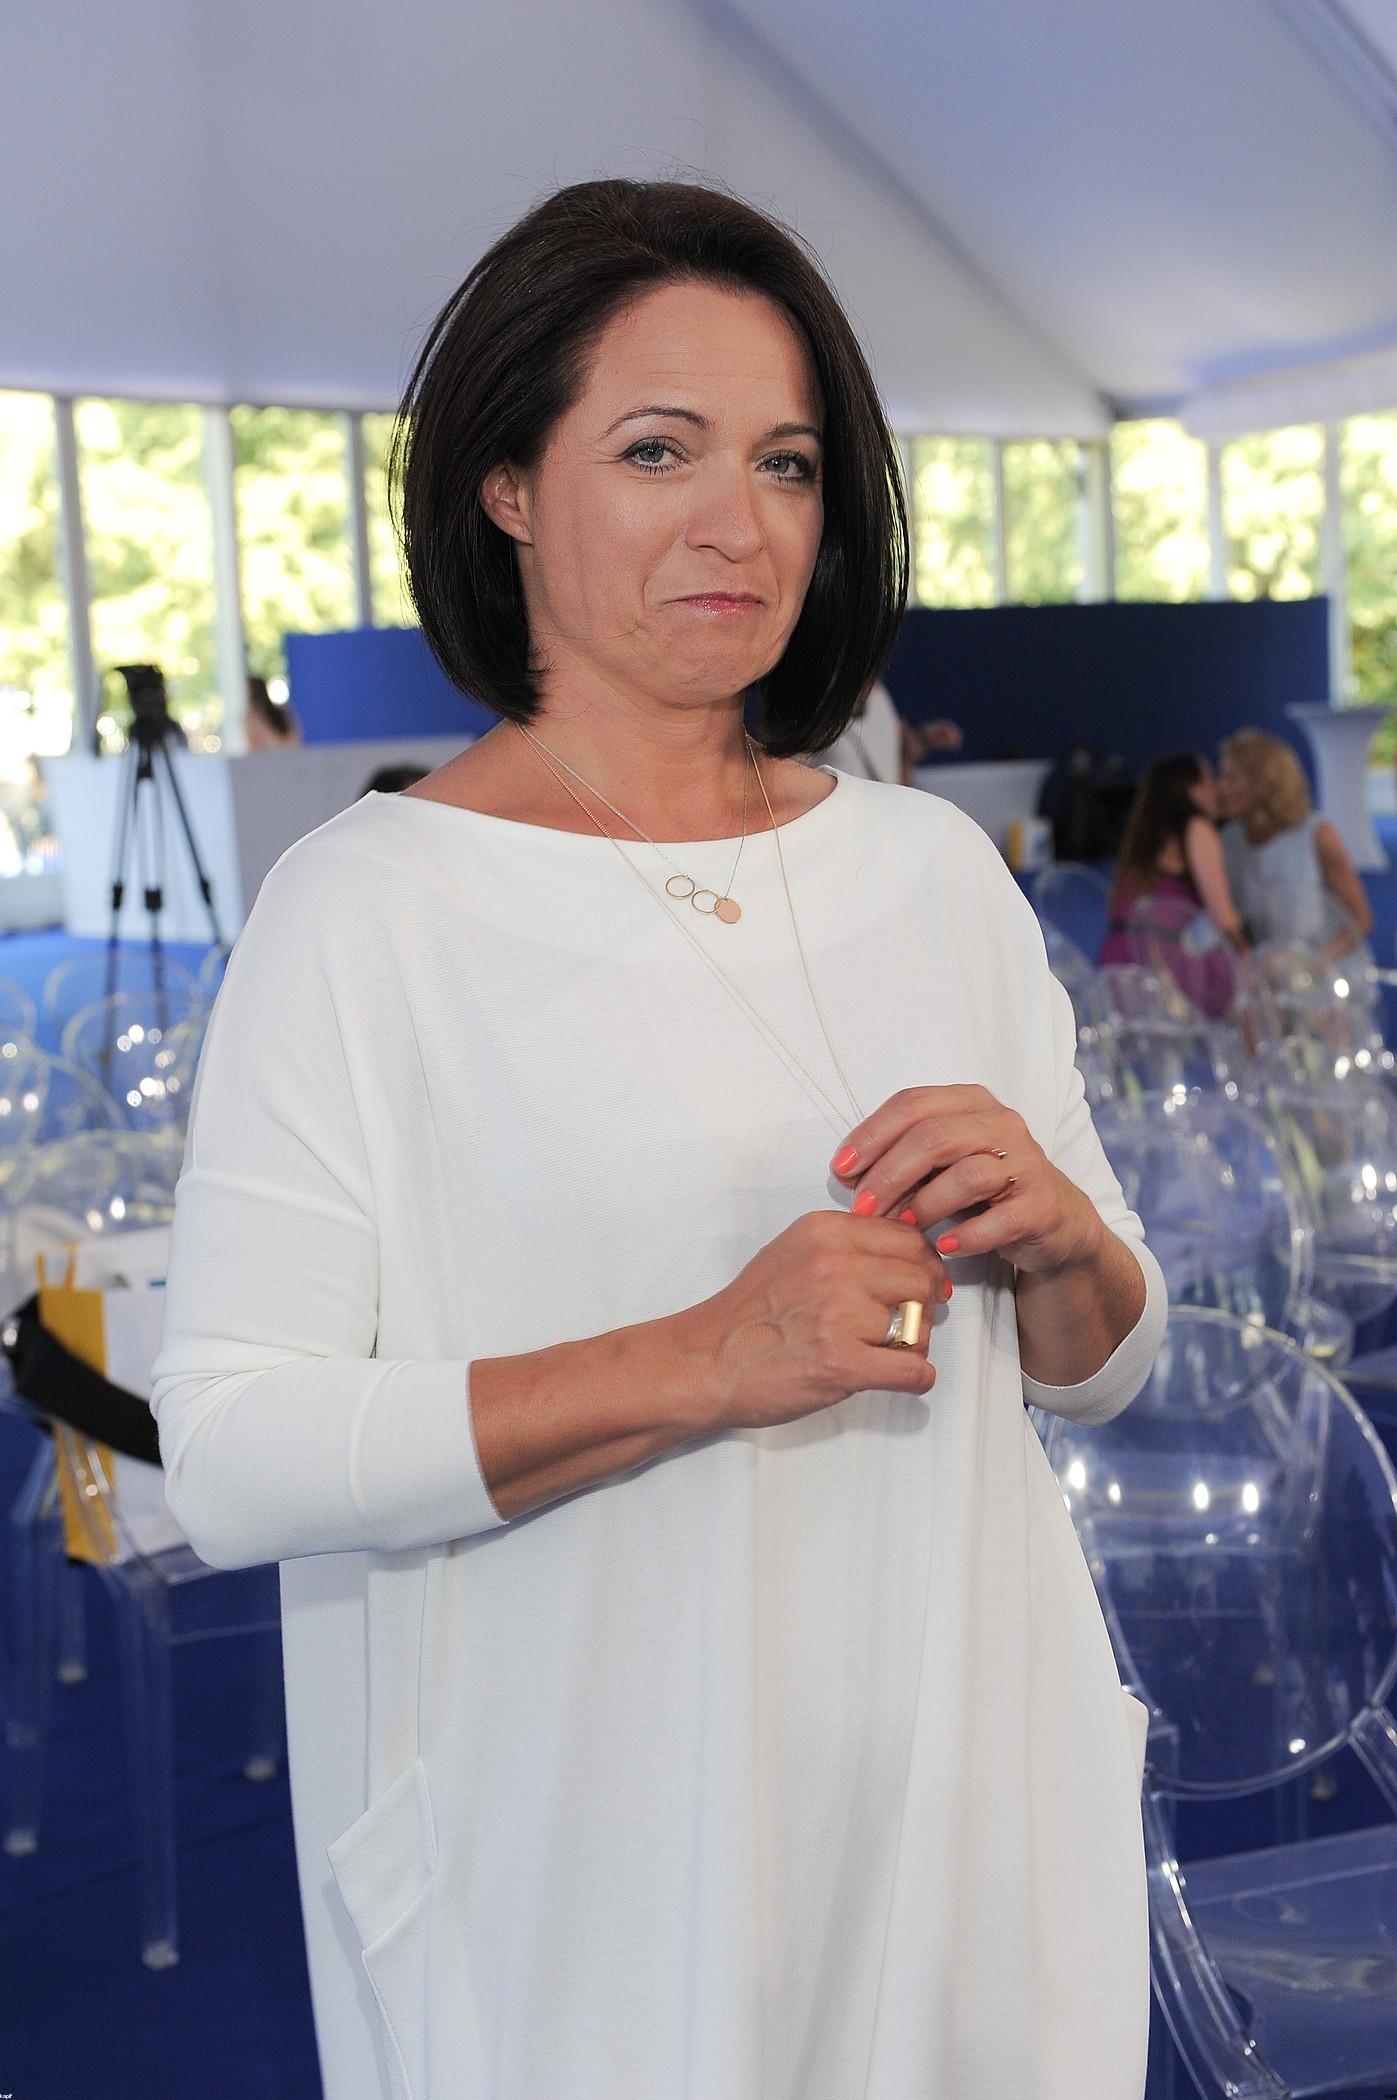 Jak Ewa Drzyzga zmieniła się w ciągu 16 lat prowadzenia talk-show?